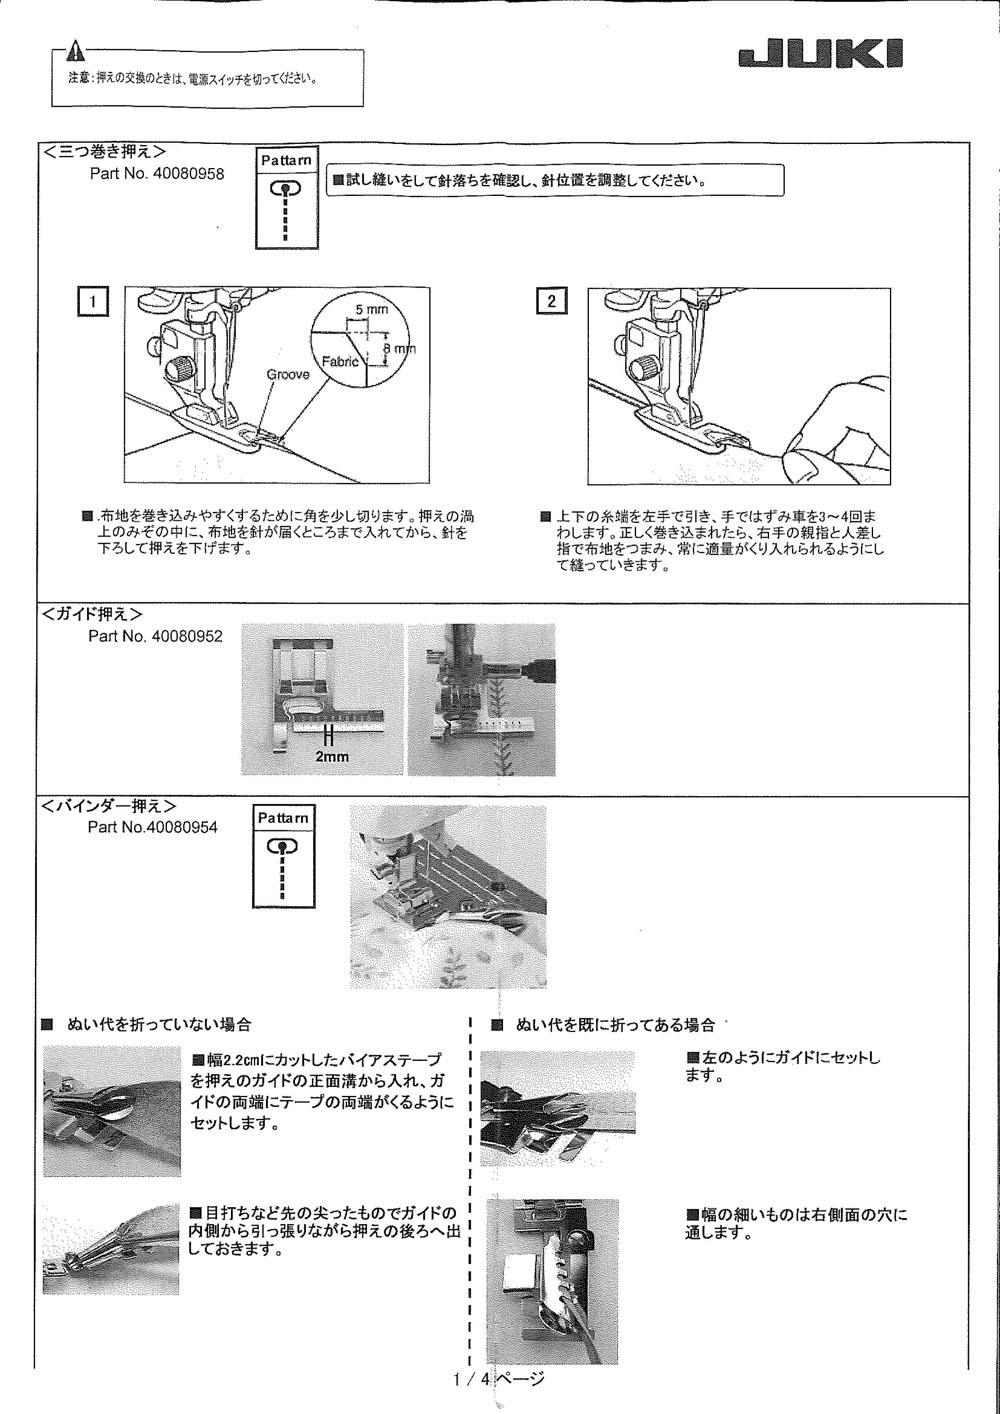 【送料無料】 ヘビーユーザーキット(Gシリーズ)